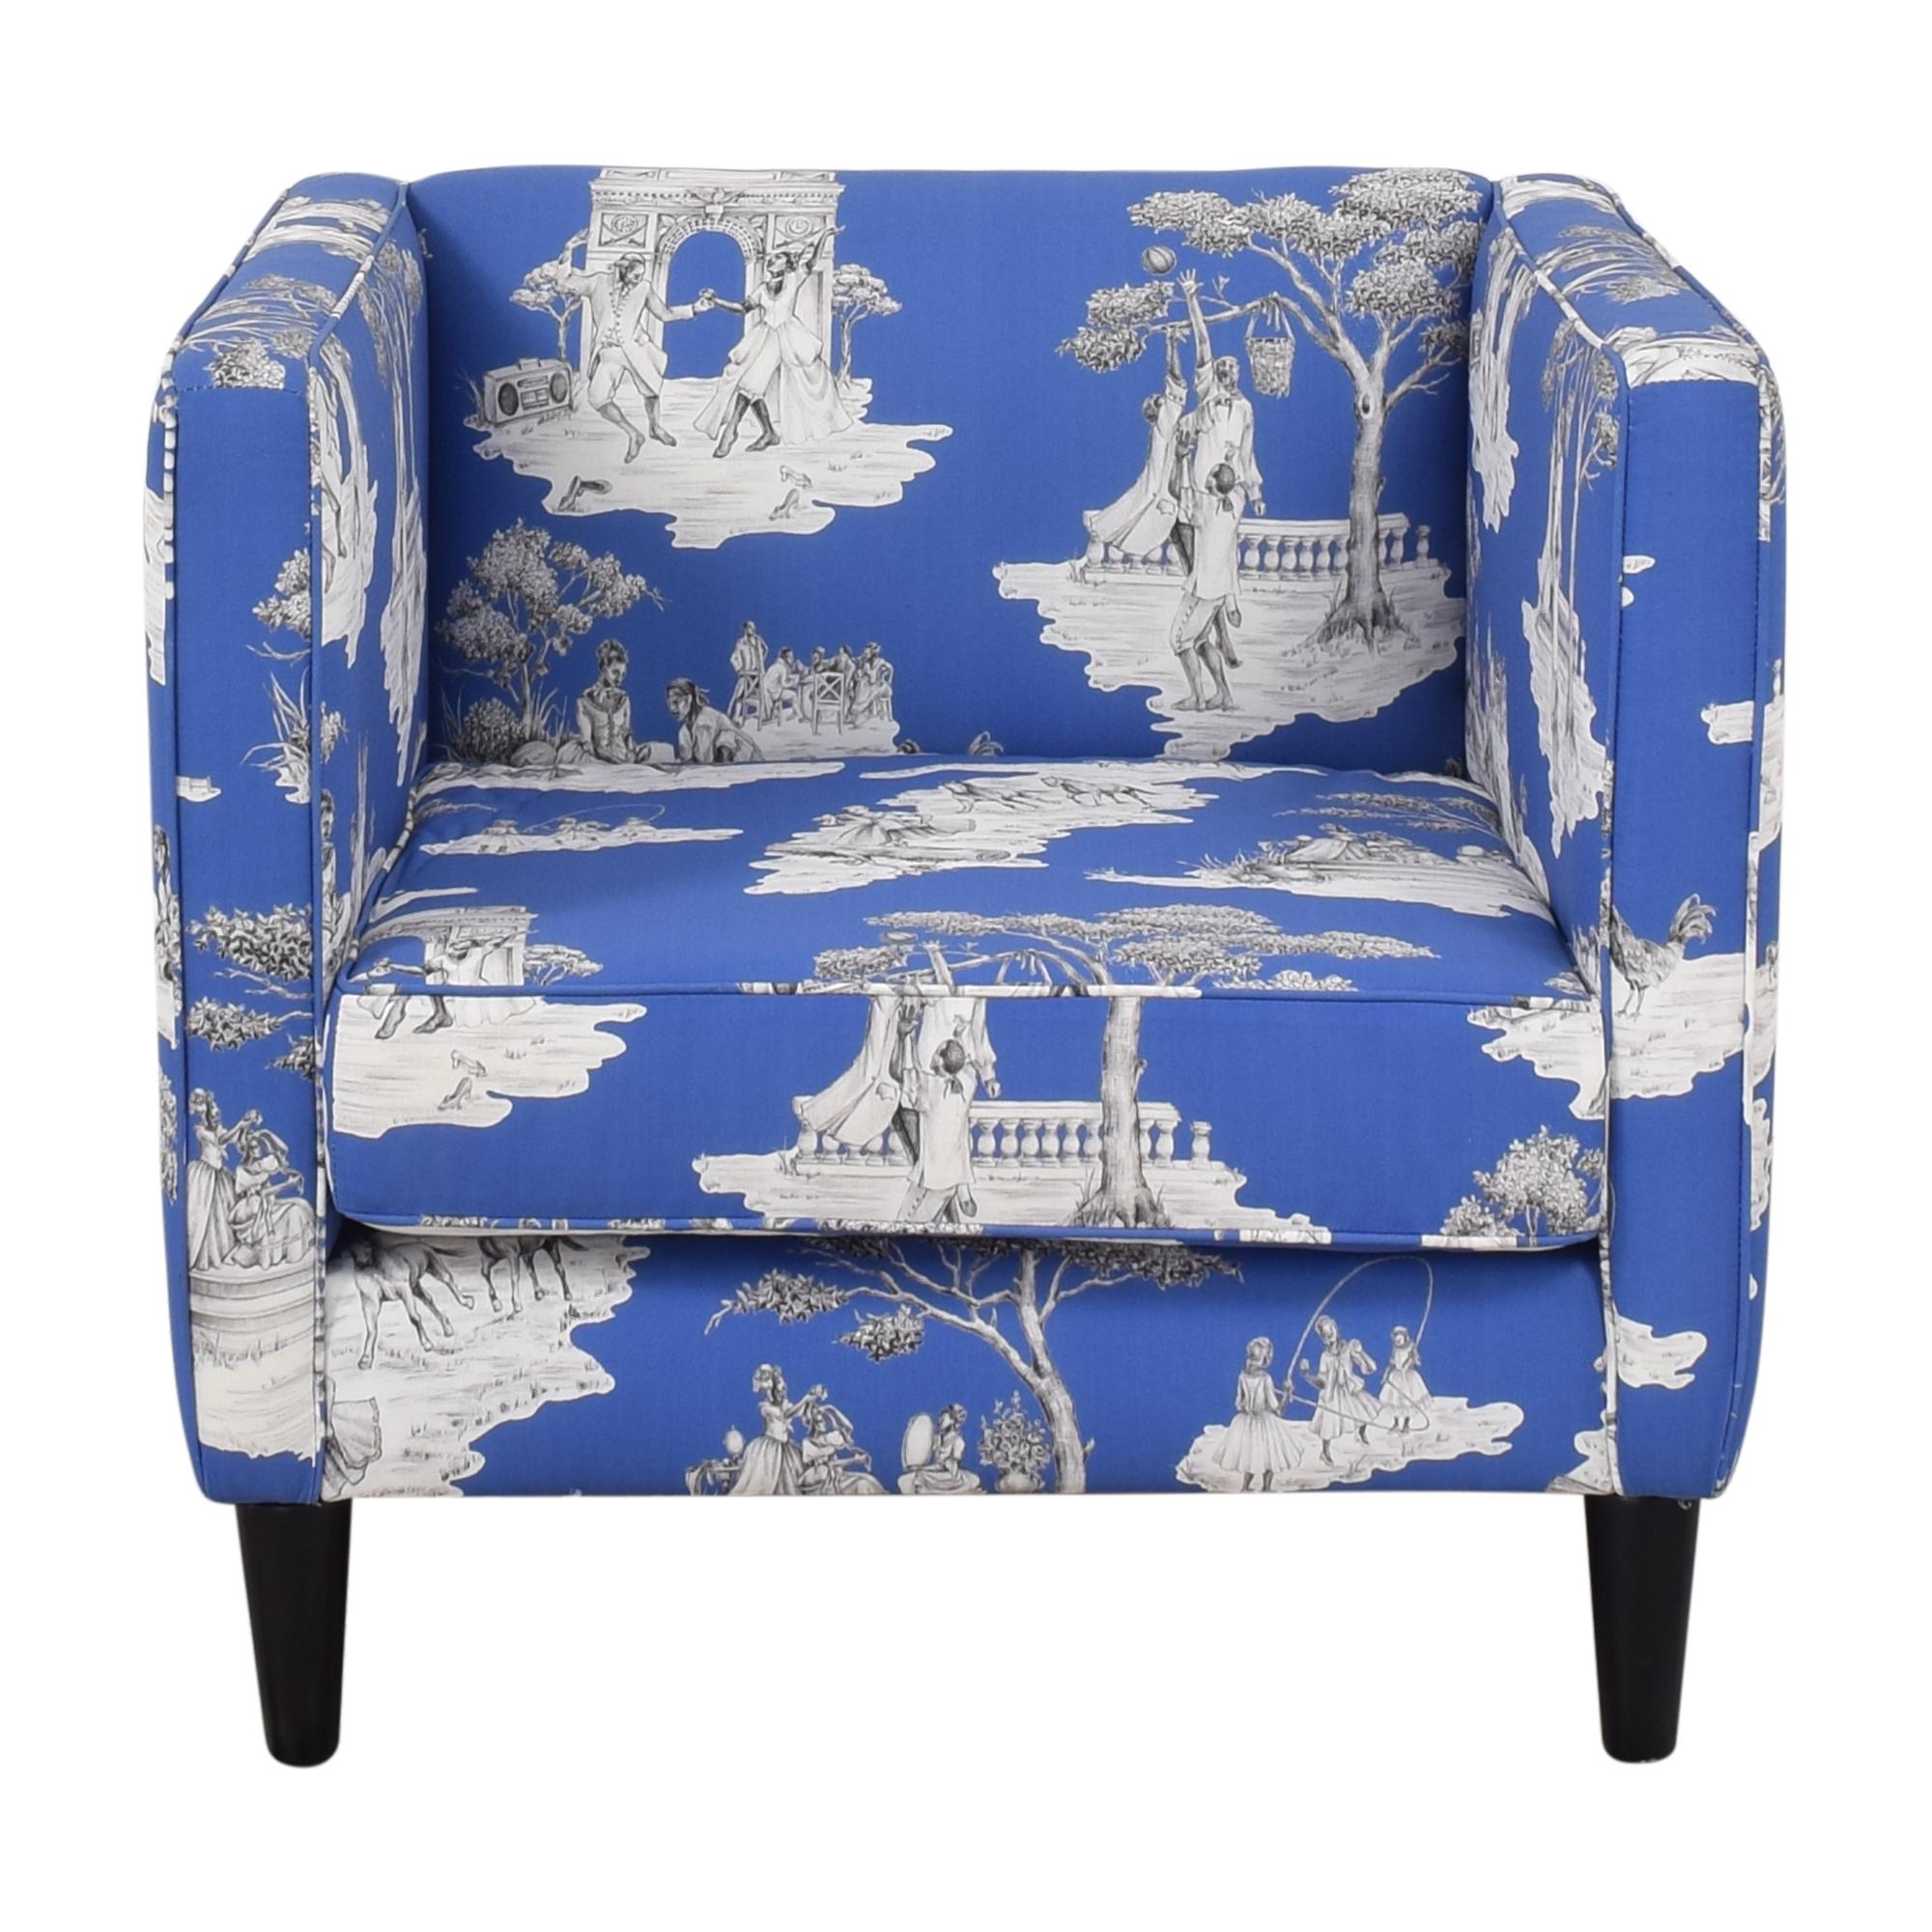 The Inside Paris Blues Harlem Toile de Jouy Tuxedo Chair sale